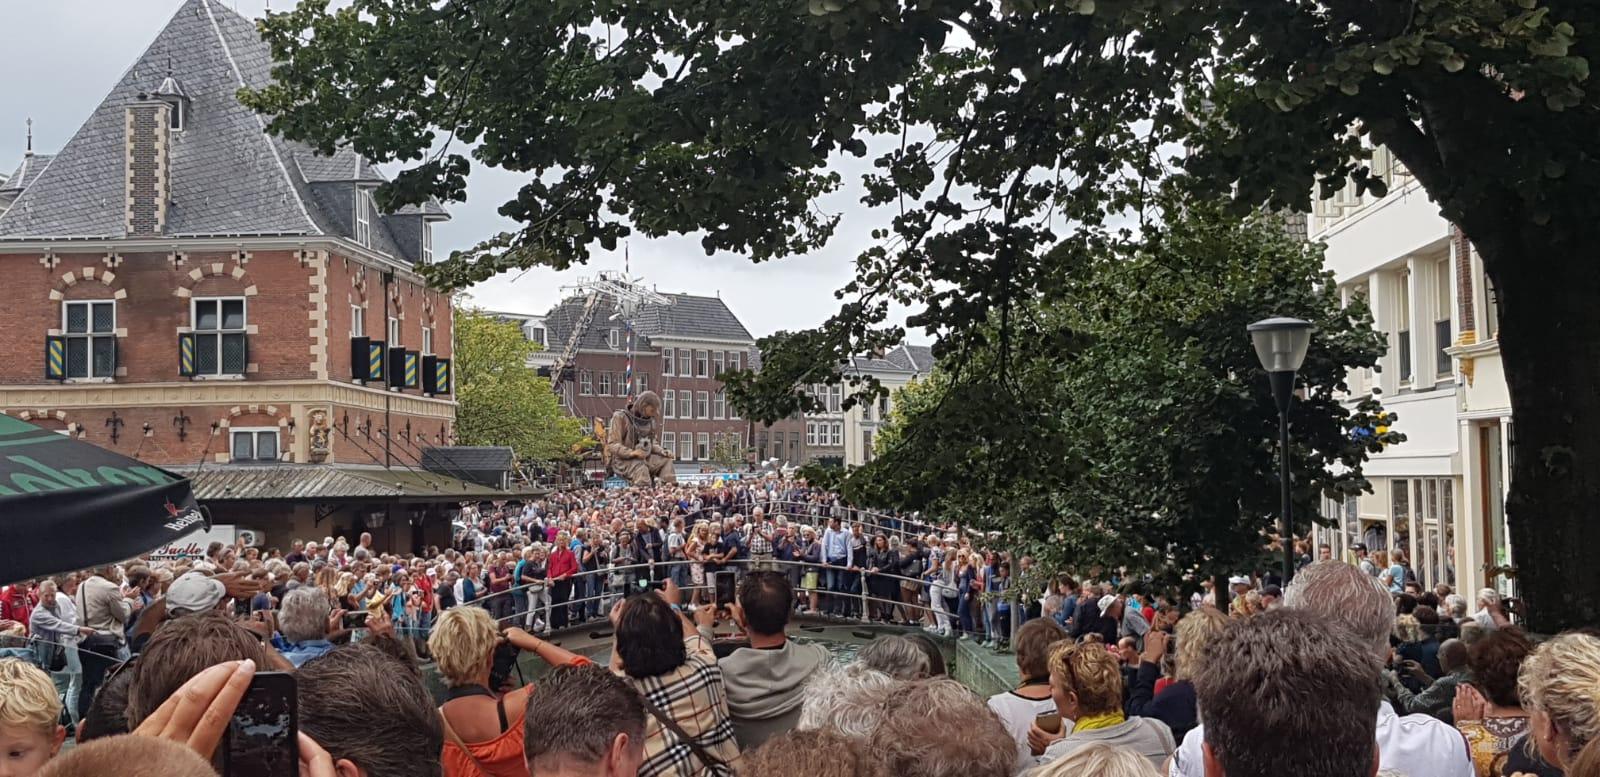 Kein Durchkommen gab es heute am Platzt der Ratswaage in Leeuwarden, als der Taucher der Riesen eine Mittagspause einlegte, Foto: Josef Weirauch